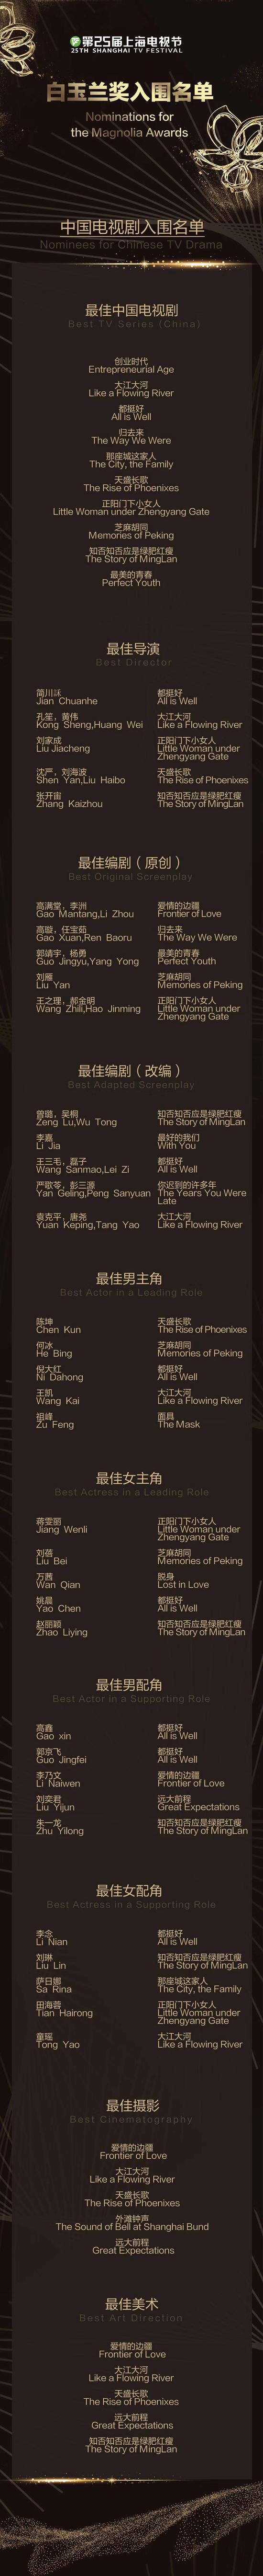 白玉兰奖入围名单曝光 蒋雯丽姚晨赵丽颖比赛视后